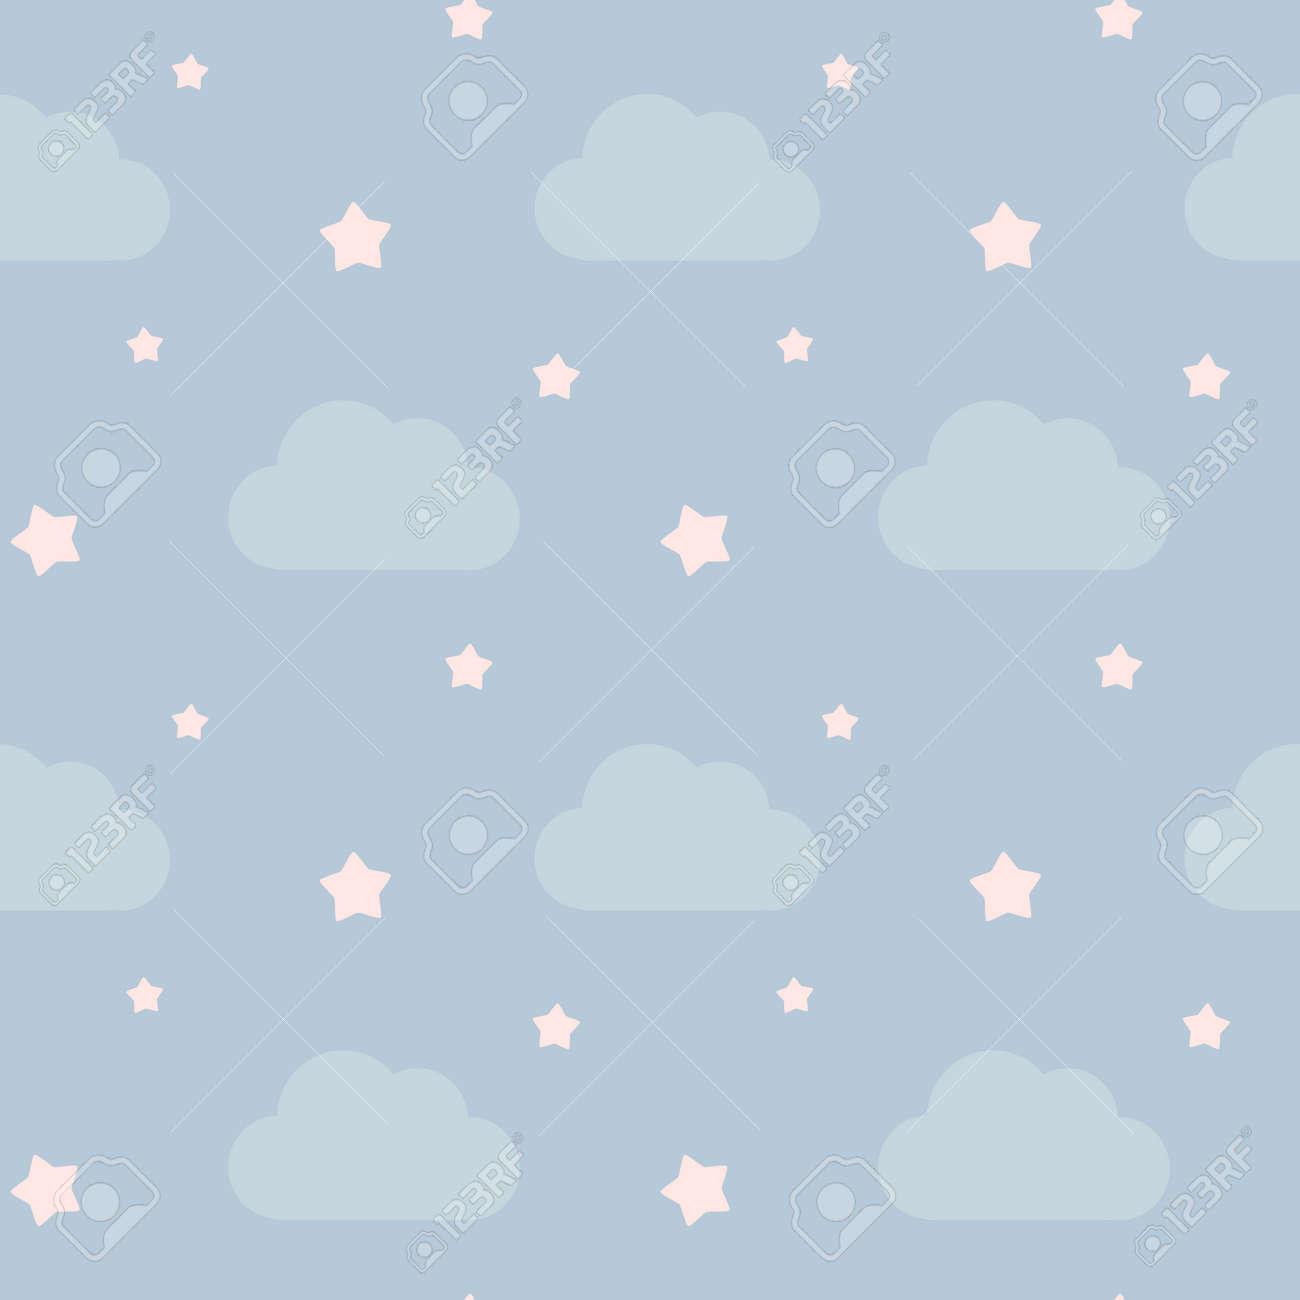 雲と星のシームレスなパターン ベクトル背景イラストと素敵なかわいい